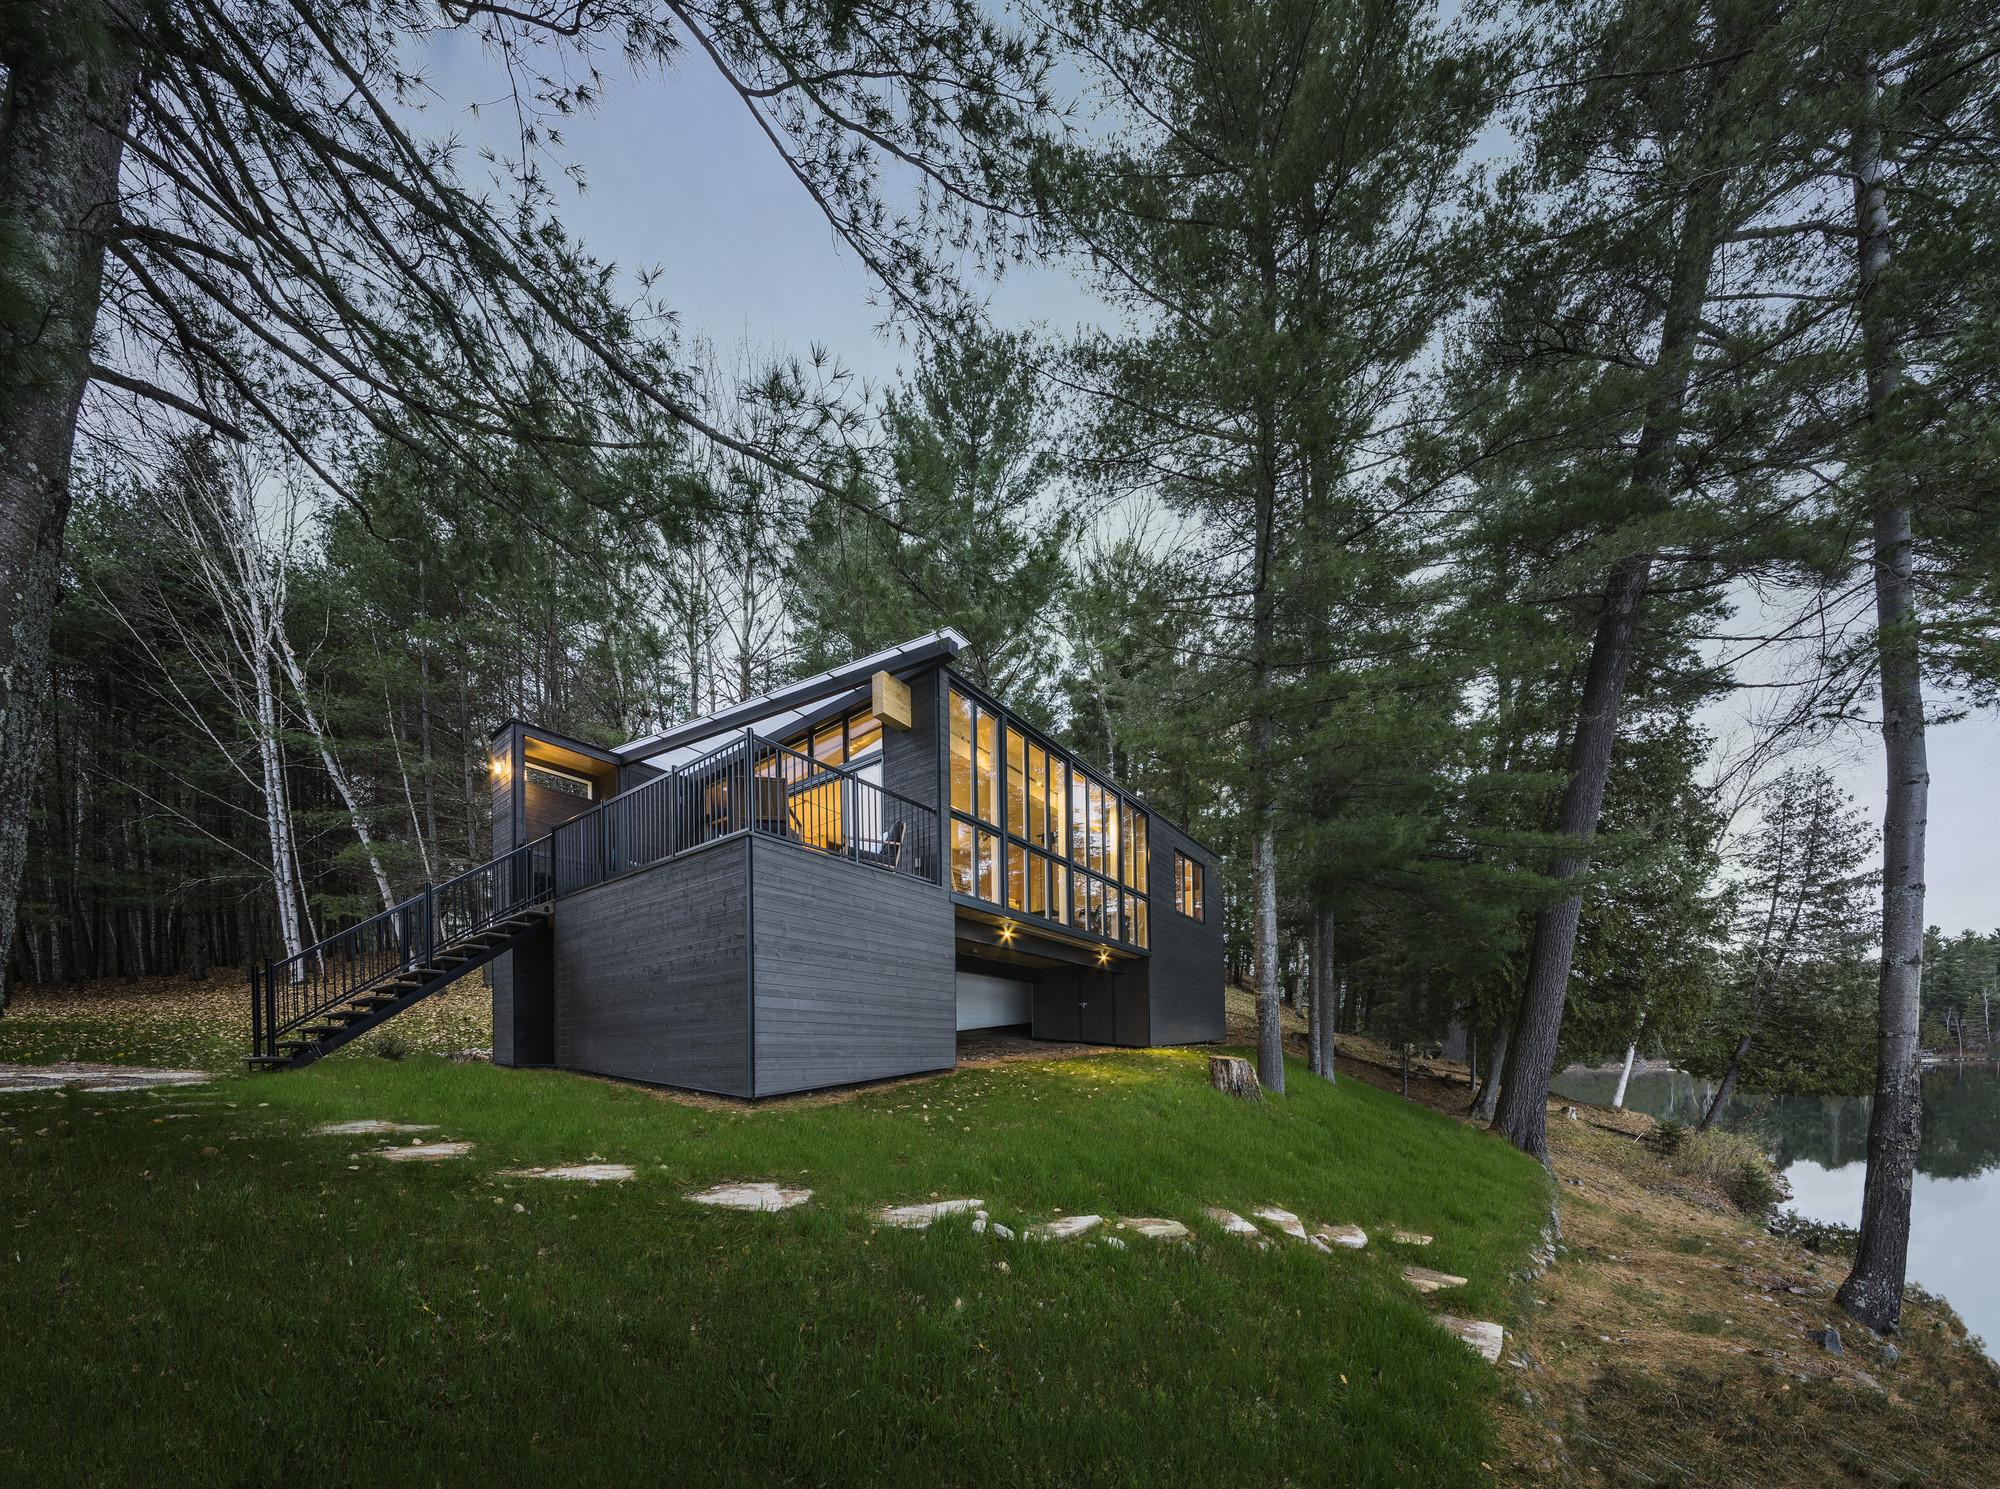 Cabaña de madera laminada / Kariouk Associates, © Photolux Studio/Christian Lalonde